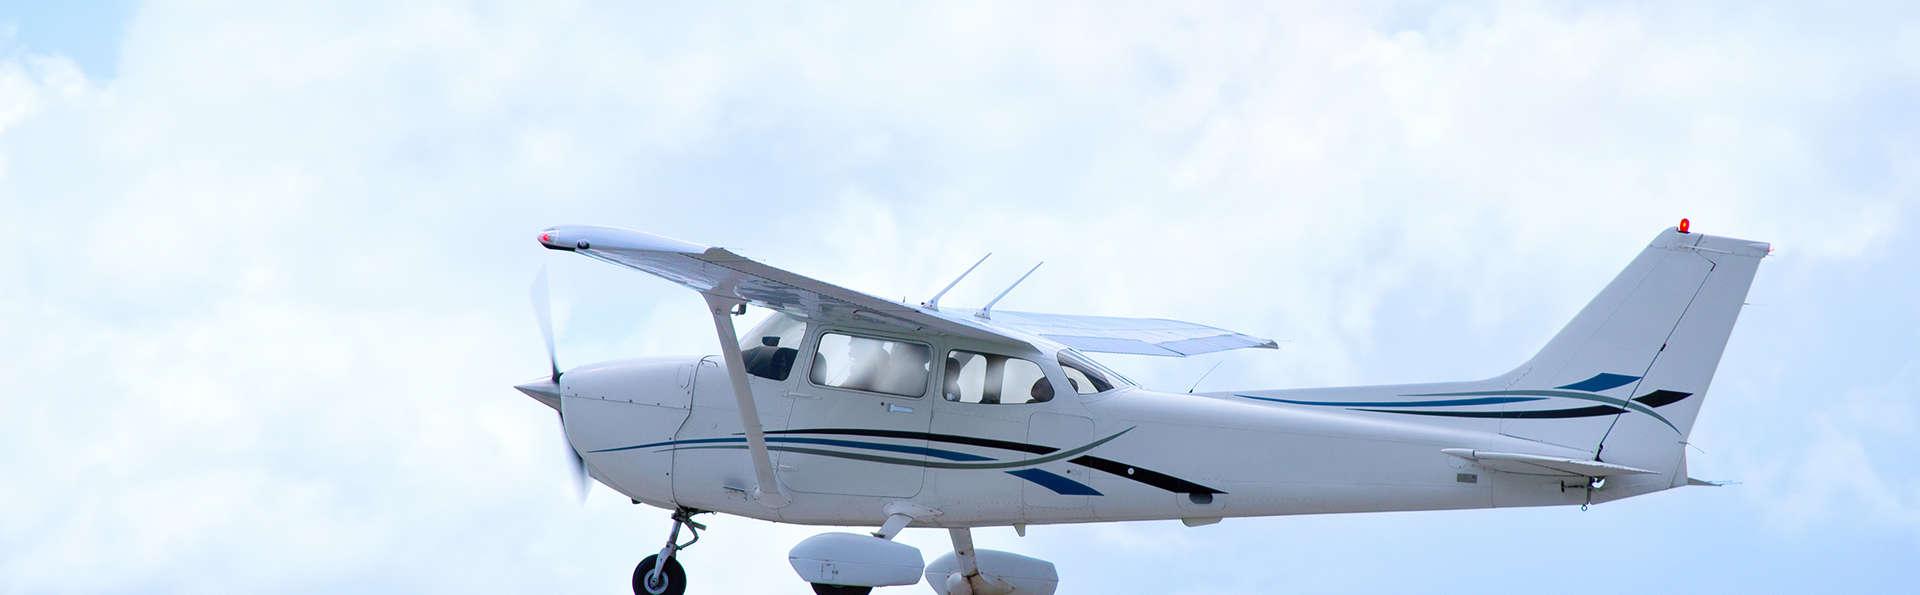 Découvrez les Pyrénées avec baptême de l'air en avion ultra-léger et accès au spa